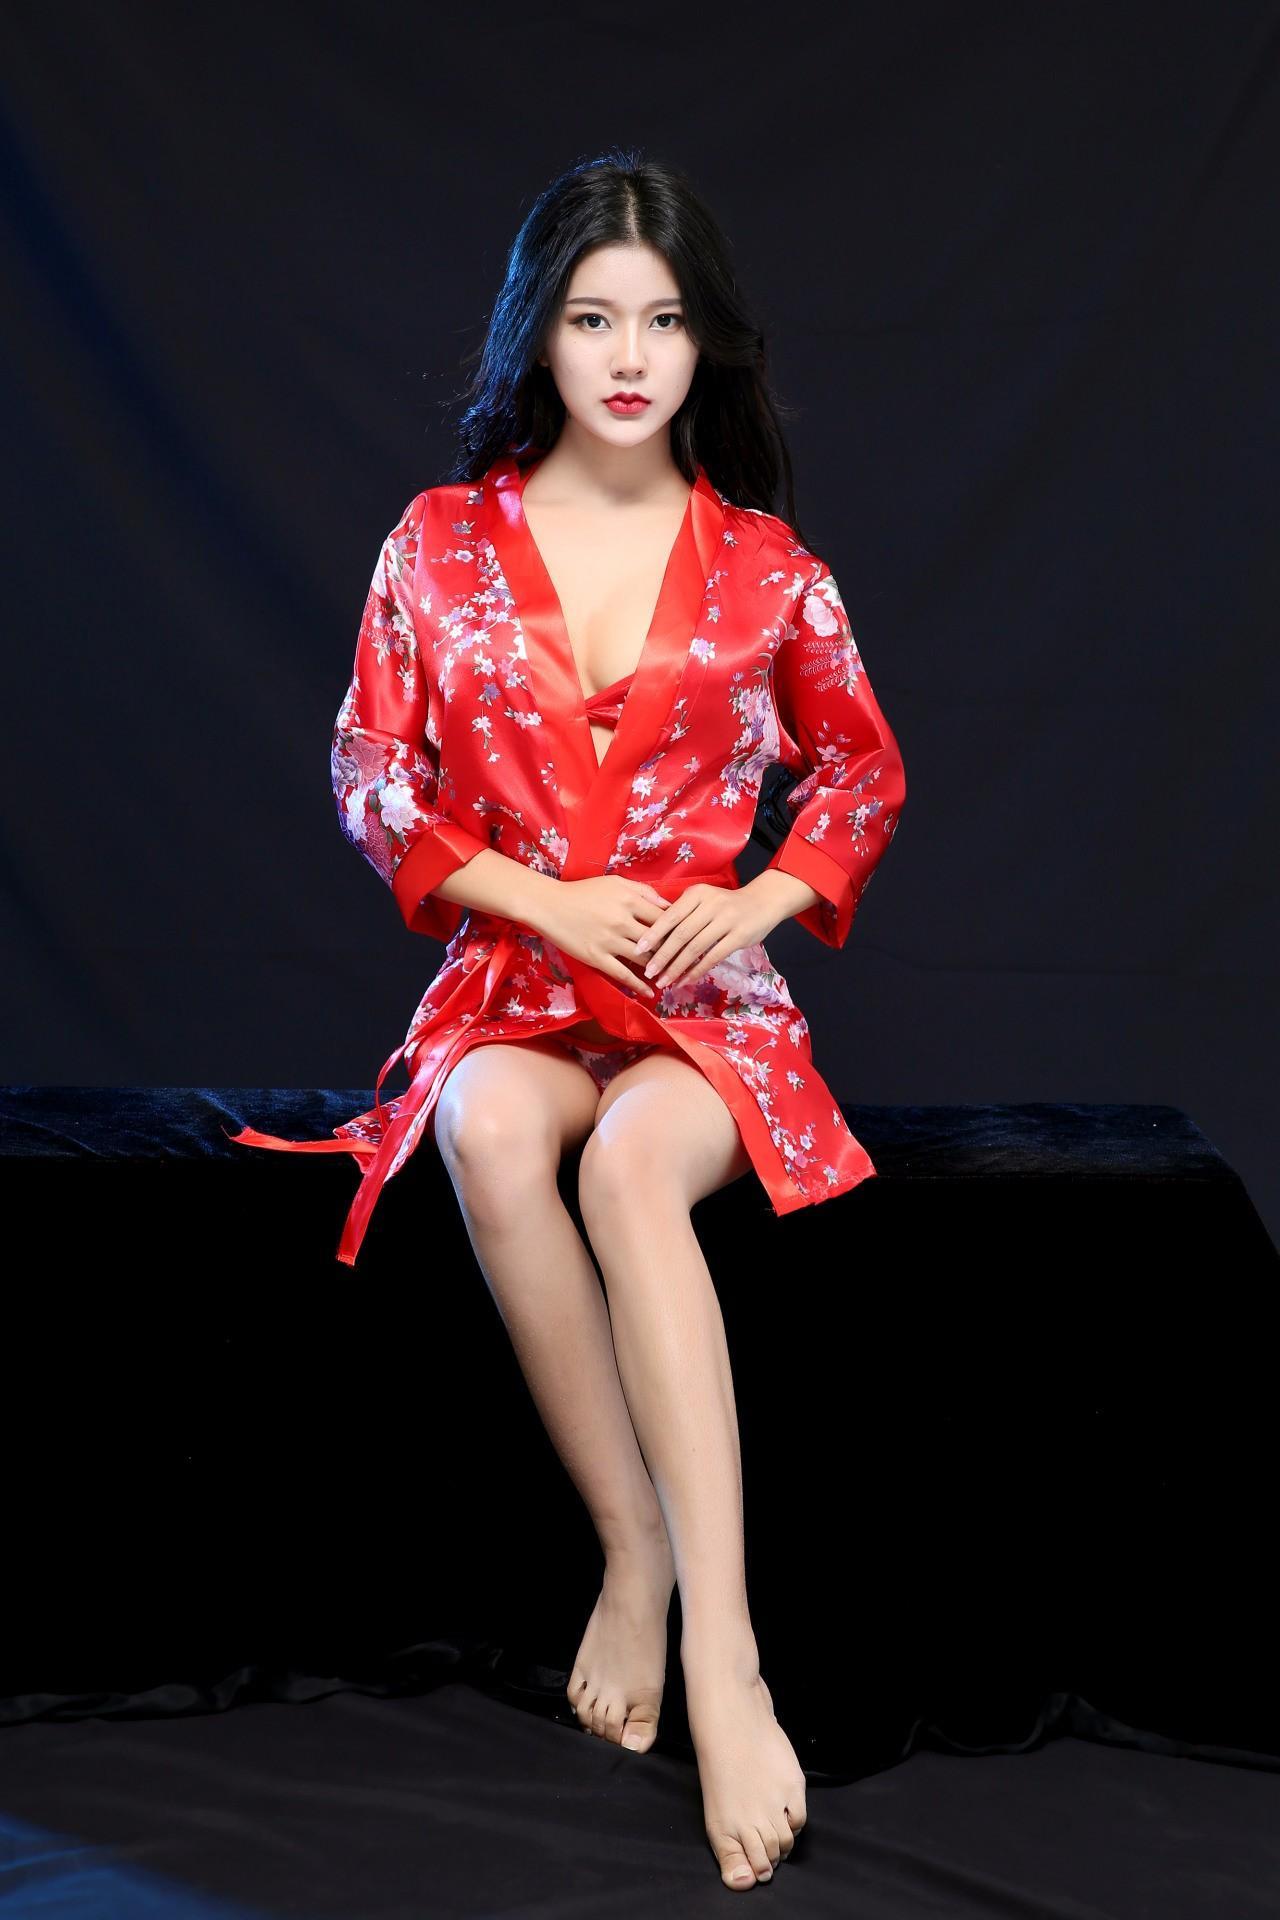 Áo choàng ngủ sexy kèm quần chip áo ngực họa tiết đỏ